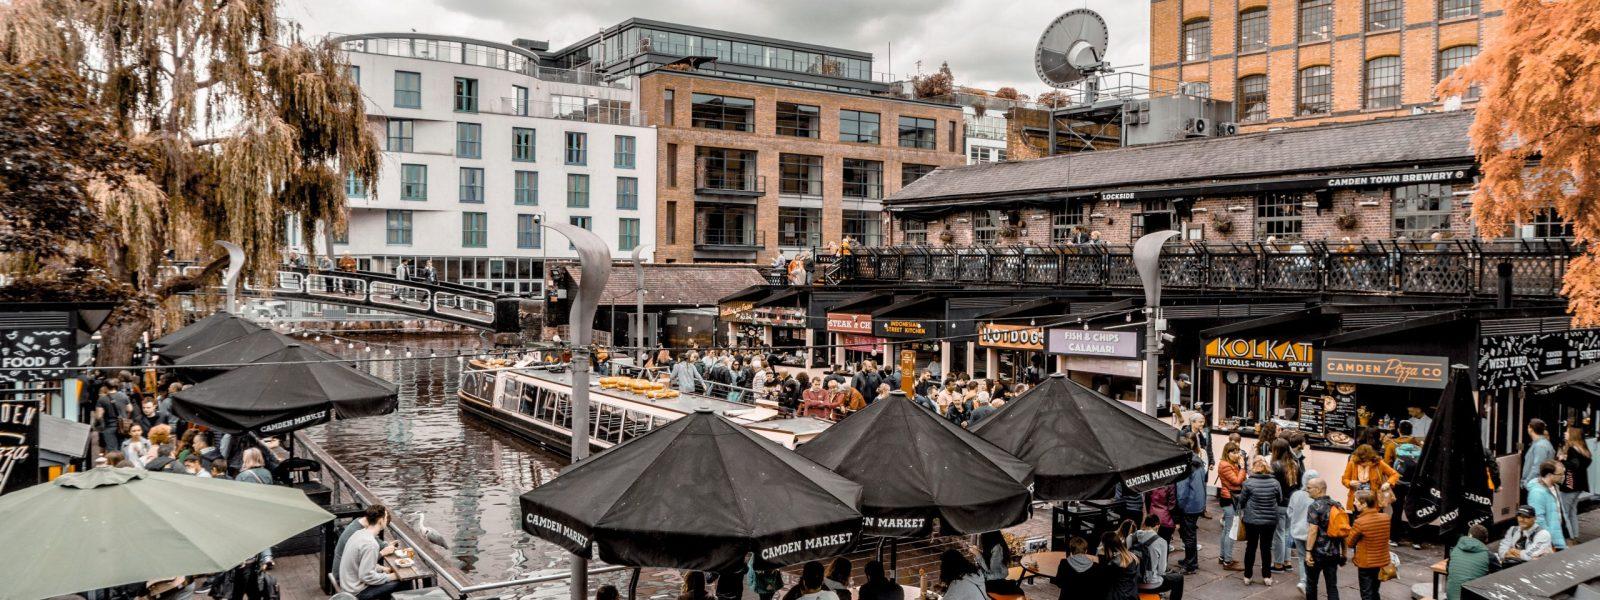 De 6 leukste food markets in Londen